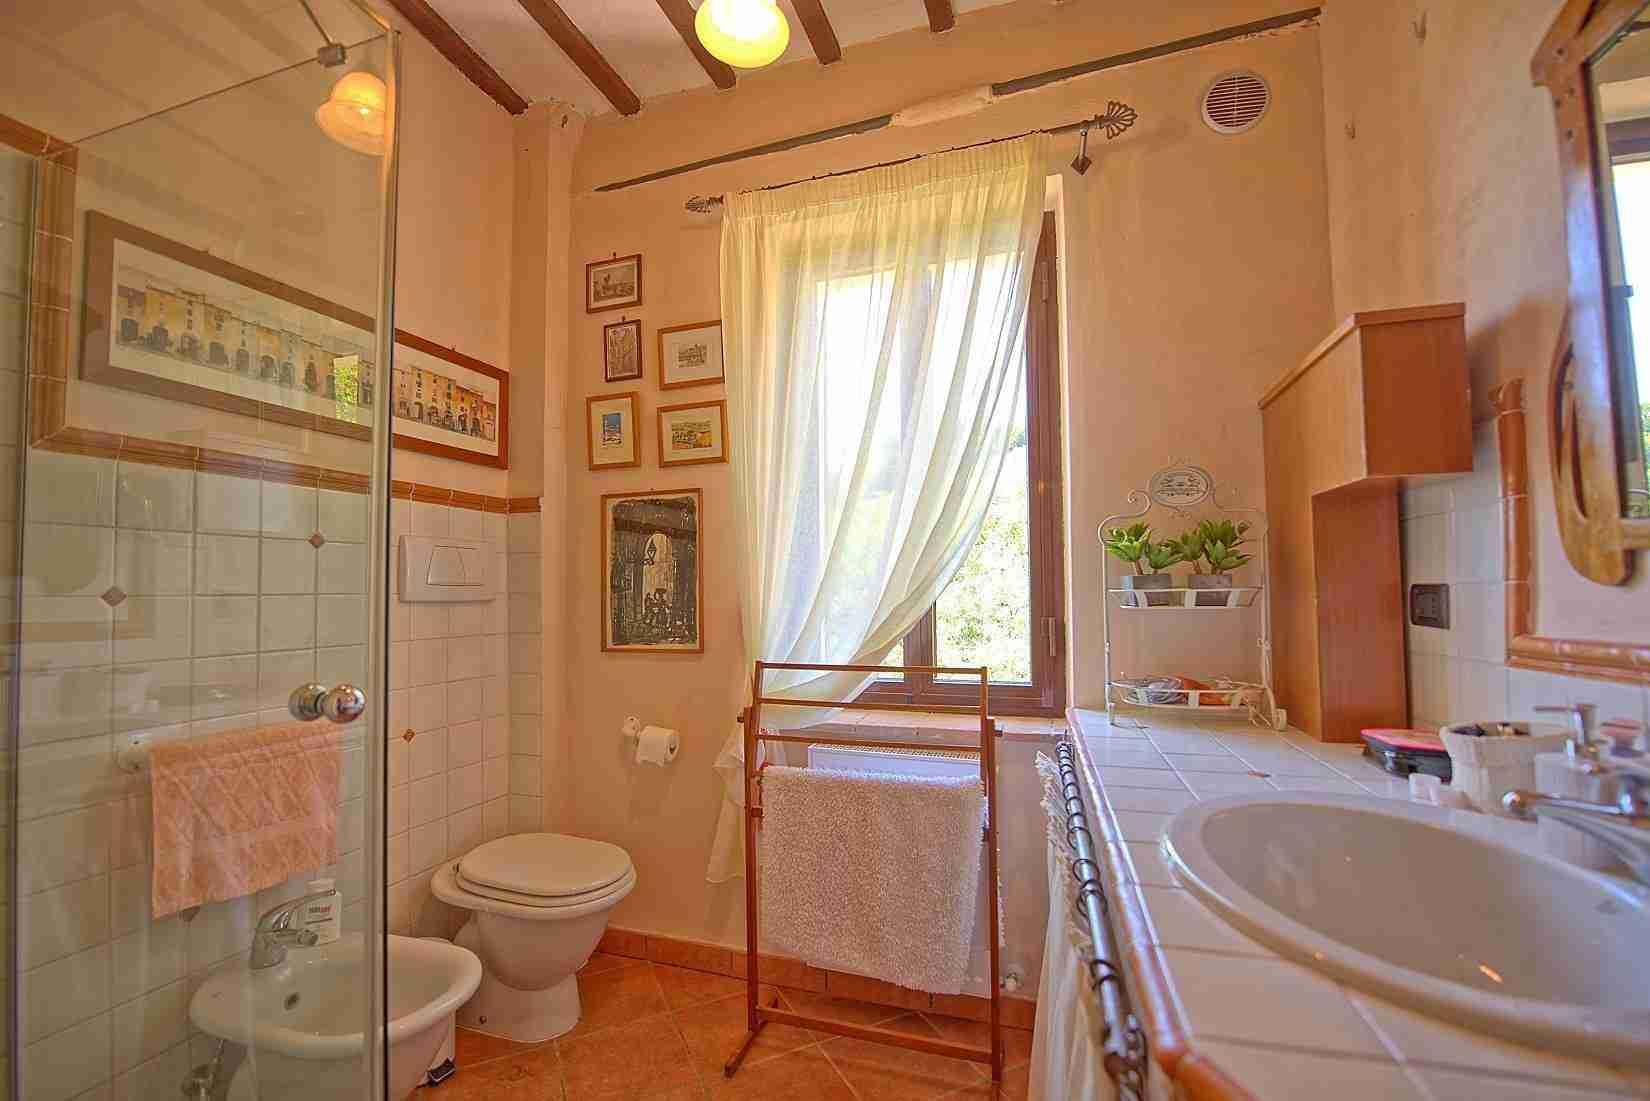 22 Clara bathroom